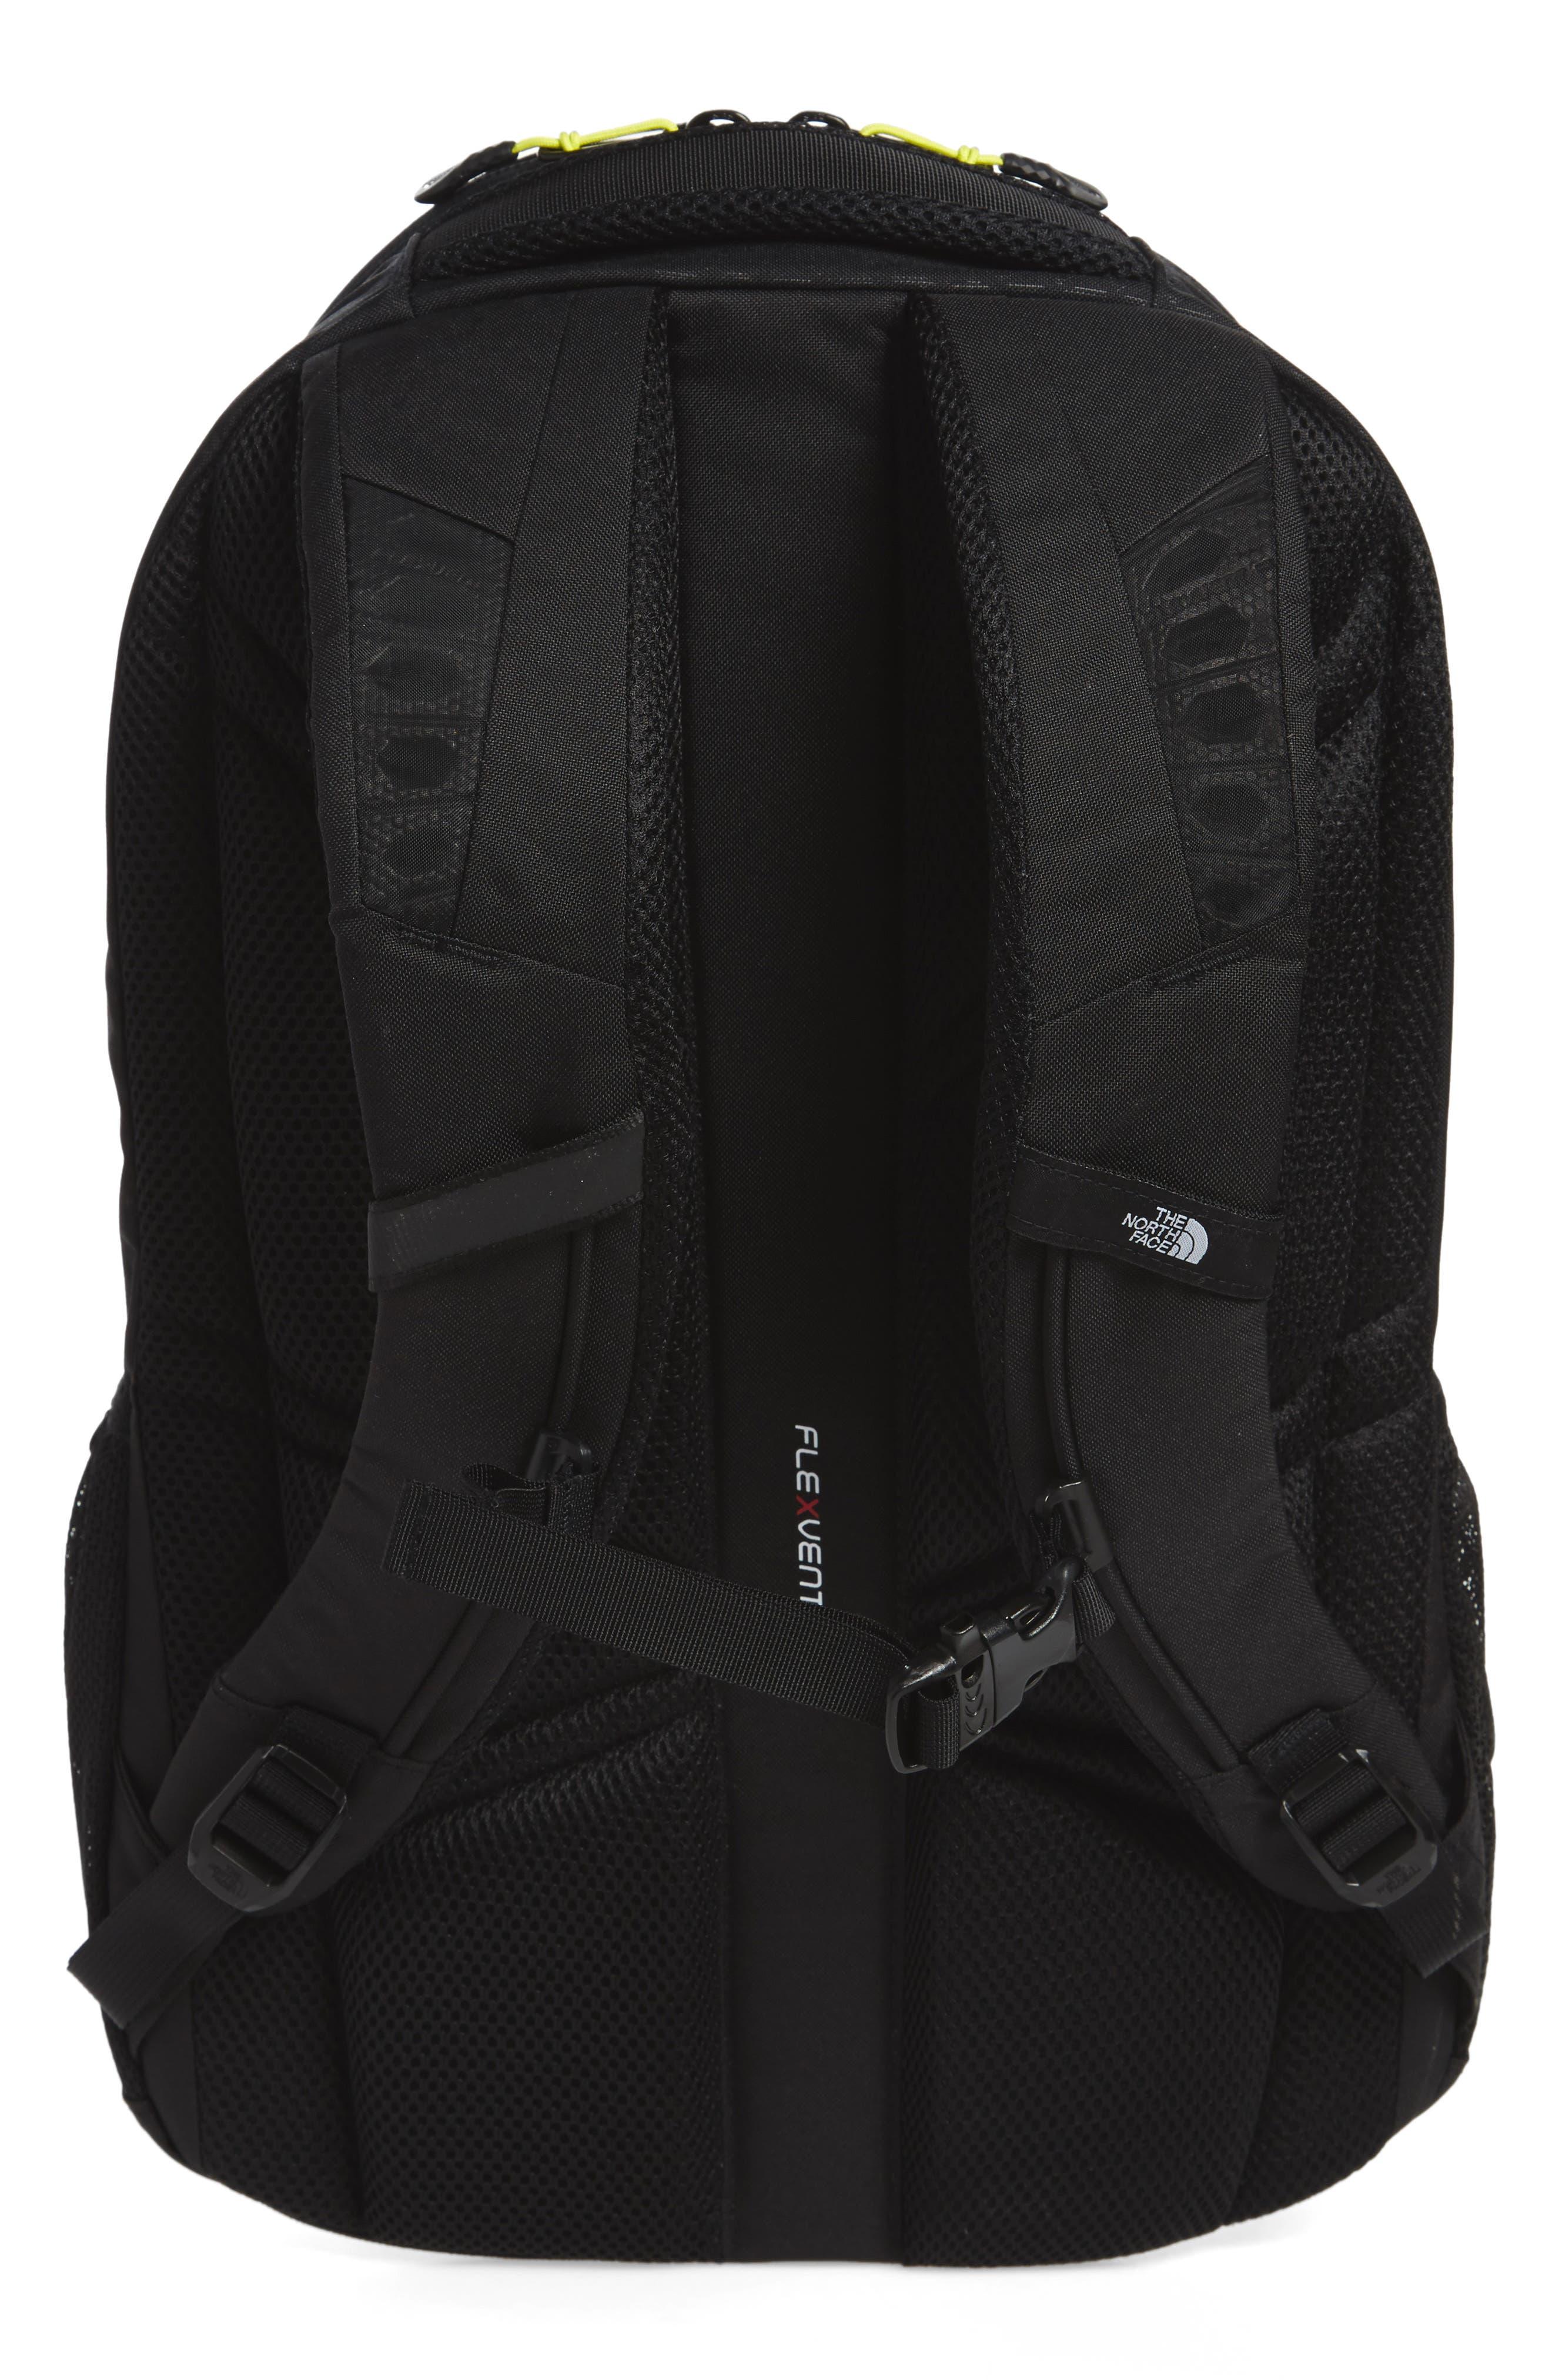 'Jester' Backpack,                             Alternate thumbnail 4, color,                             Tnf Black Emboss/ Spring Green